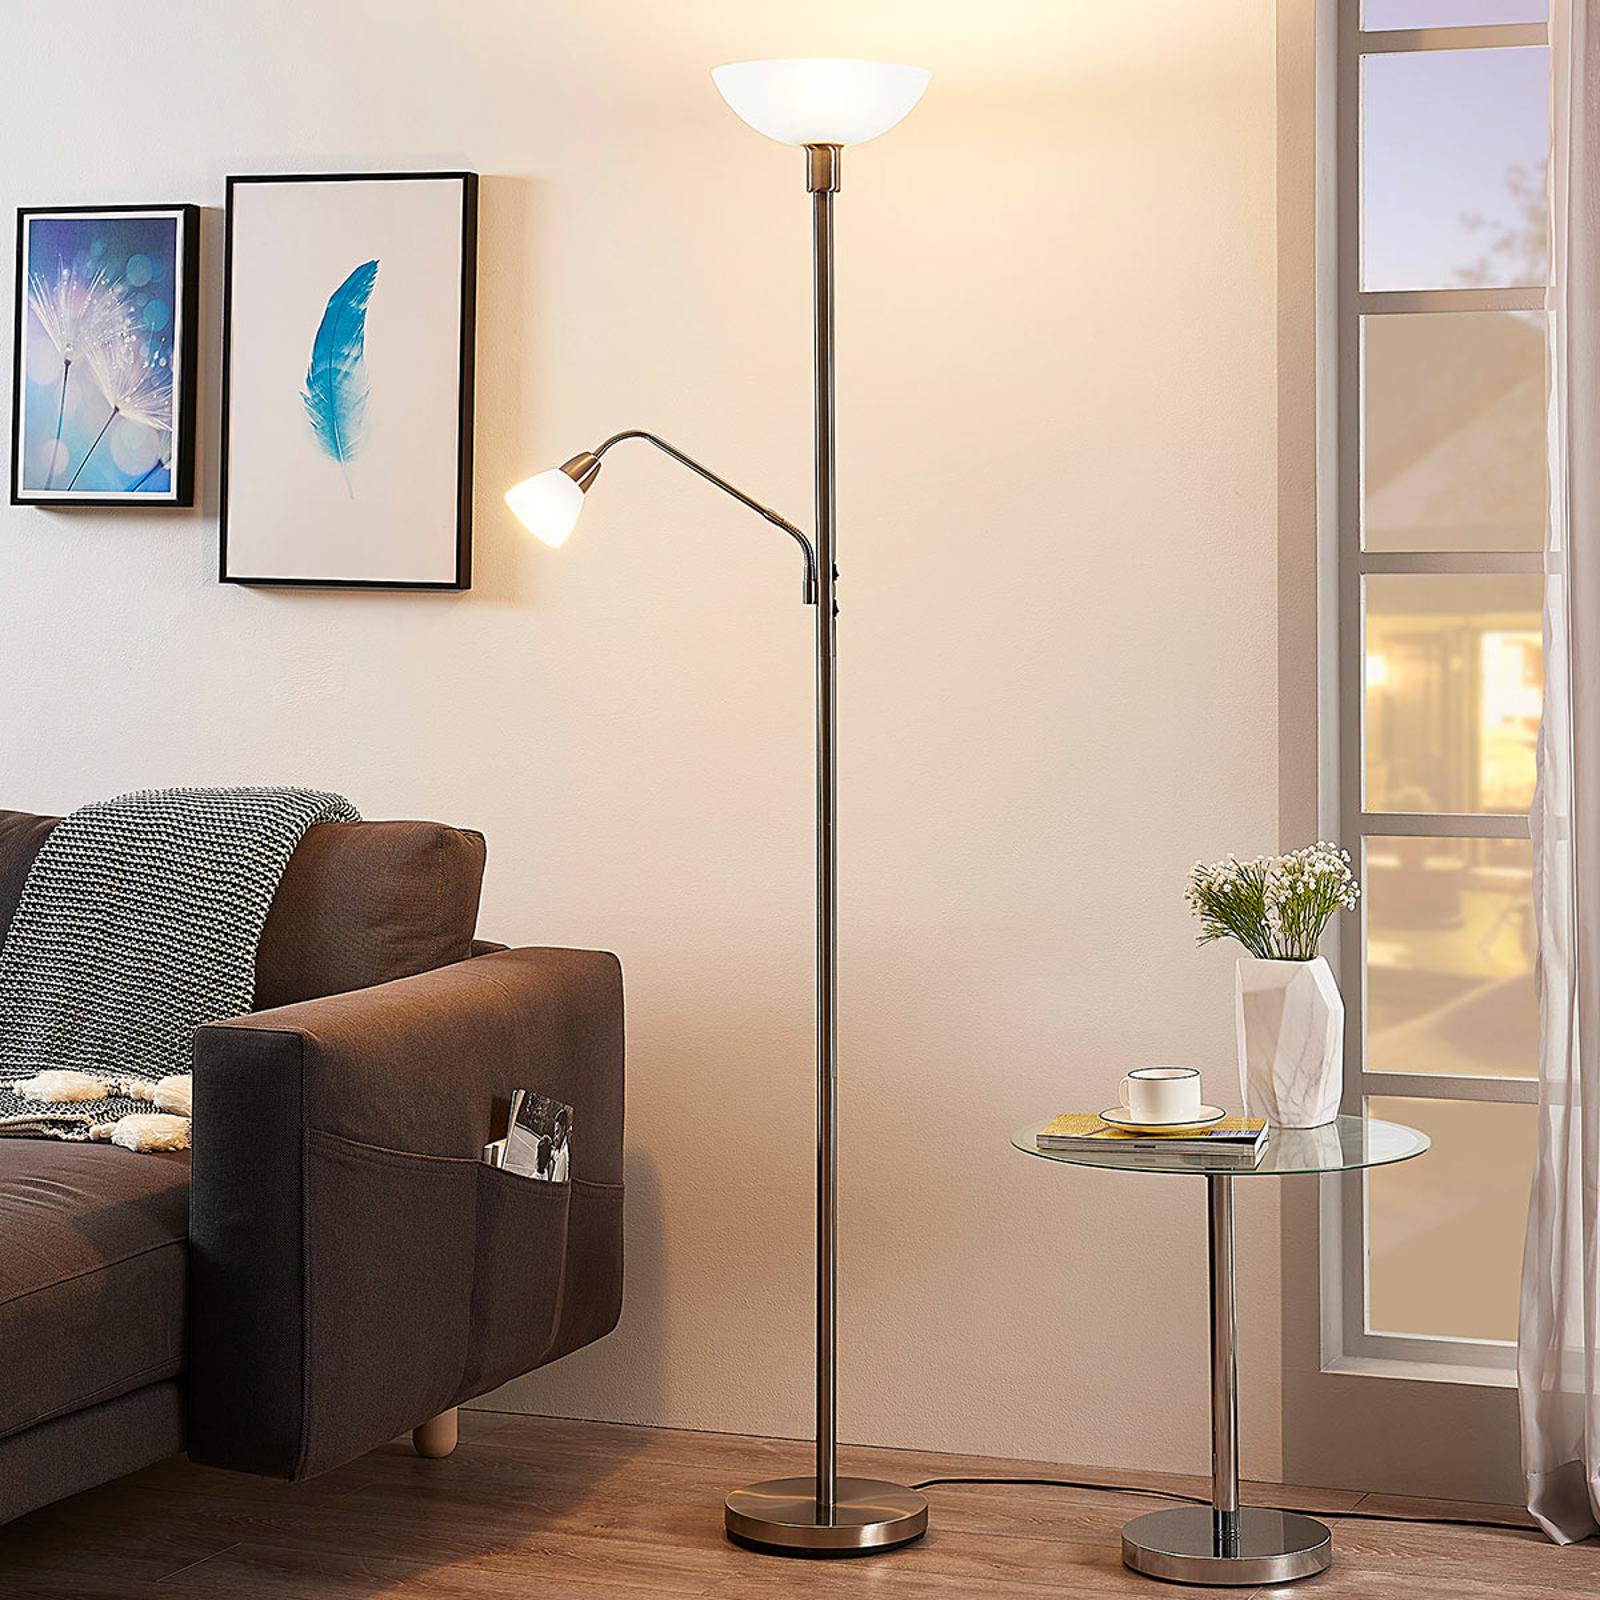 Nickelfärgad LED-taklampa Jost med läslampa